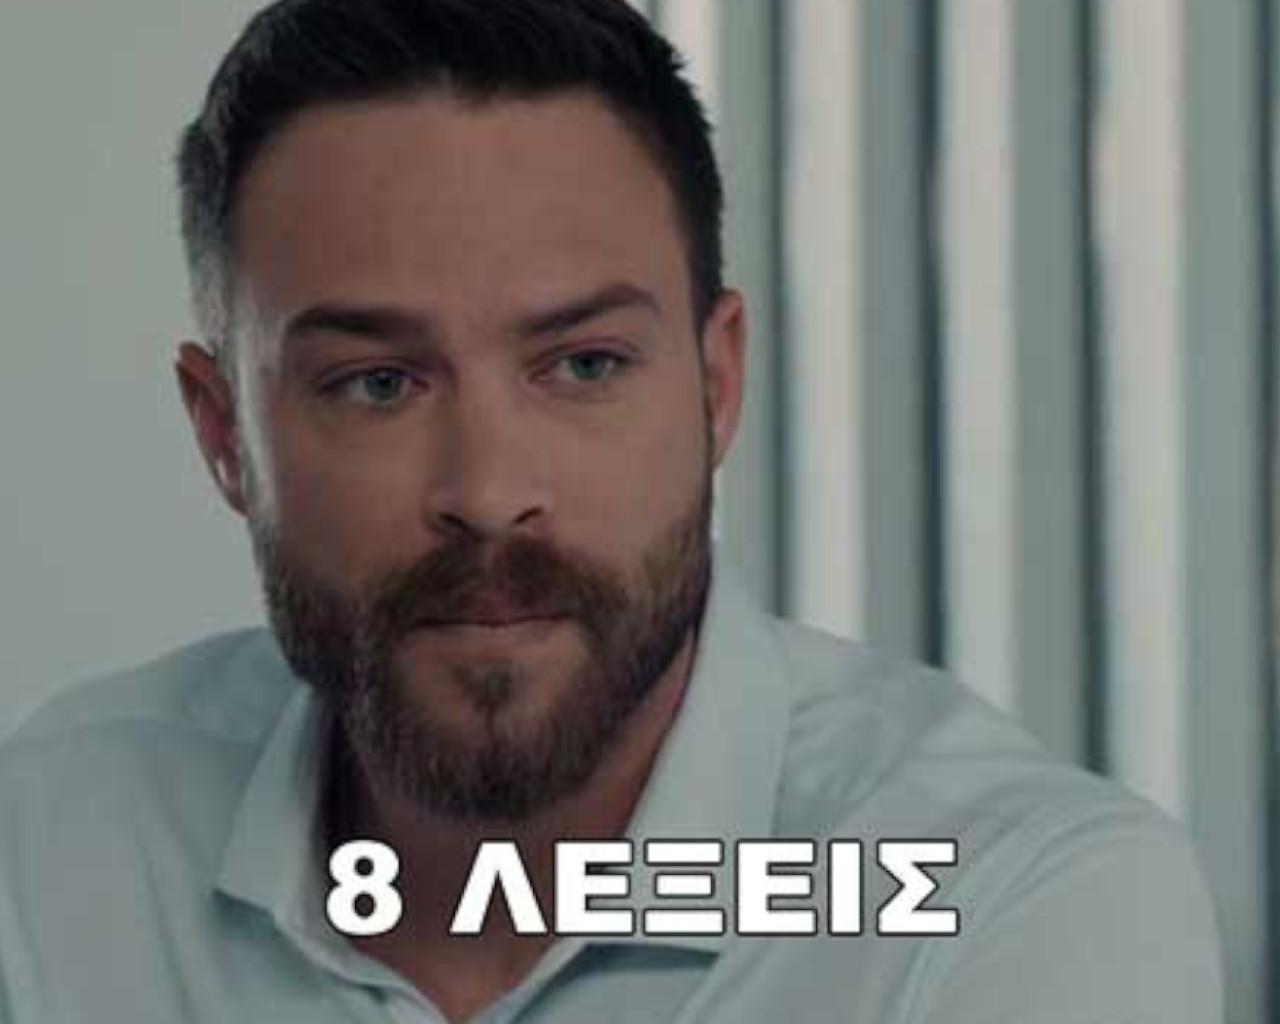 8 λέξεις, 8 λέξεις ηθοποιοί, 8 λέξεις επεισόδιο 1, 8 λέξεις επεισόδιο λόγια σταράτα,8 λέξεις επεισόδια, 8 λέξεις greek movies, 8 λέξεις τι θα γίνει στο τέλος, 8 λέξεις επόμενα επεισόδια, 8 λέξεις επεισόδιο, 8 λέξεις β κύκλος